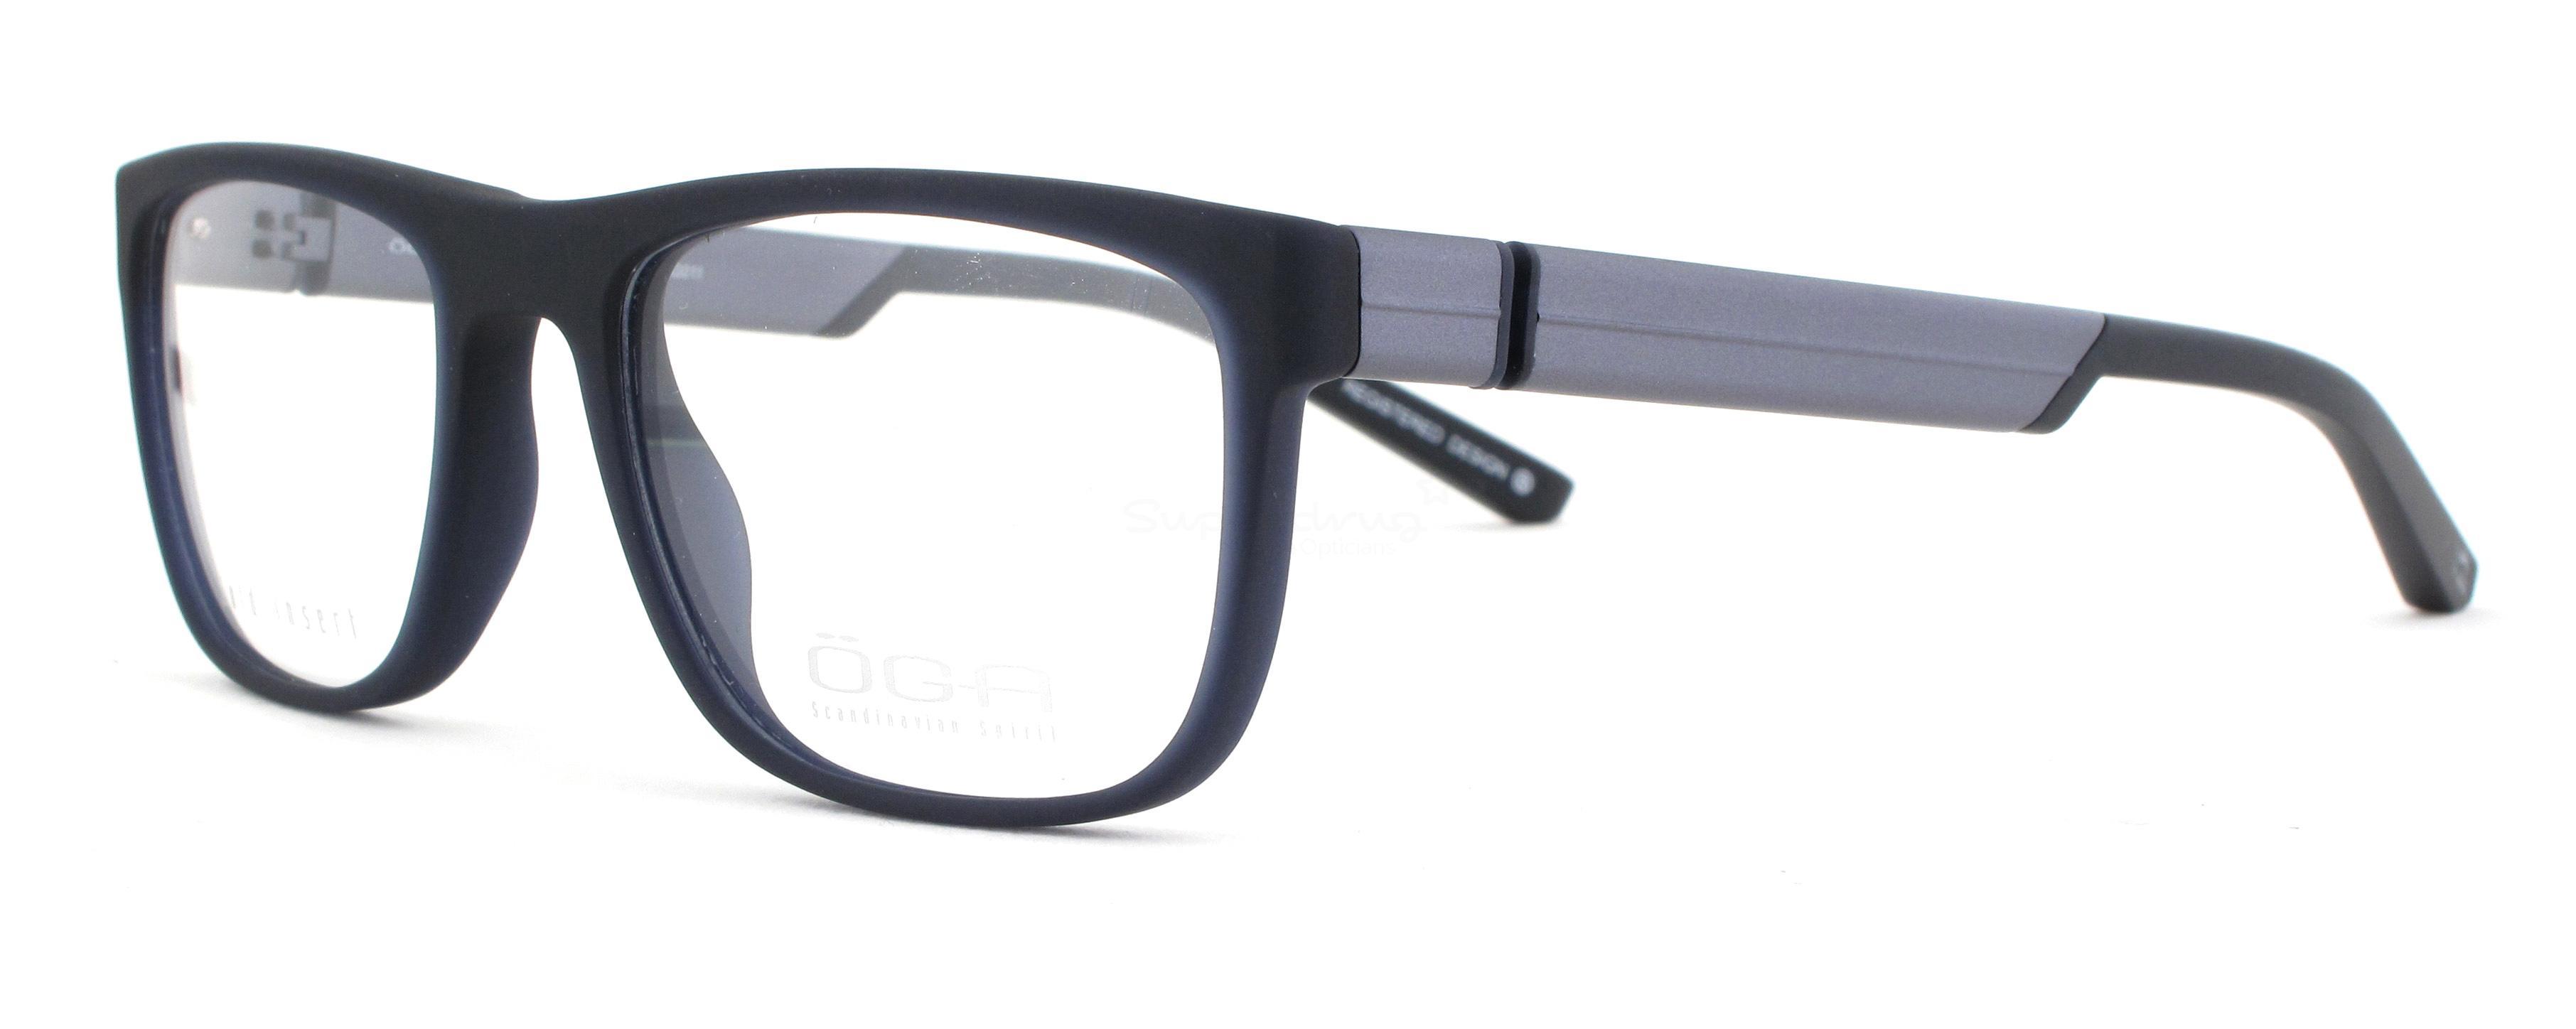 BG011 7649O AVLANG 1 Glasses, ÖGA Scandinavian Spirit